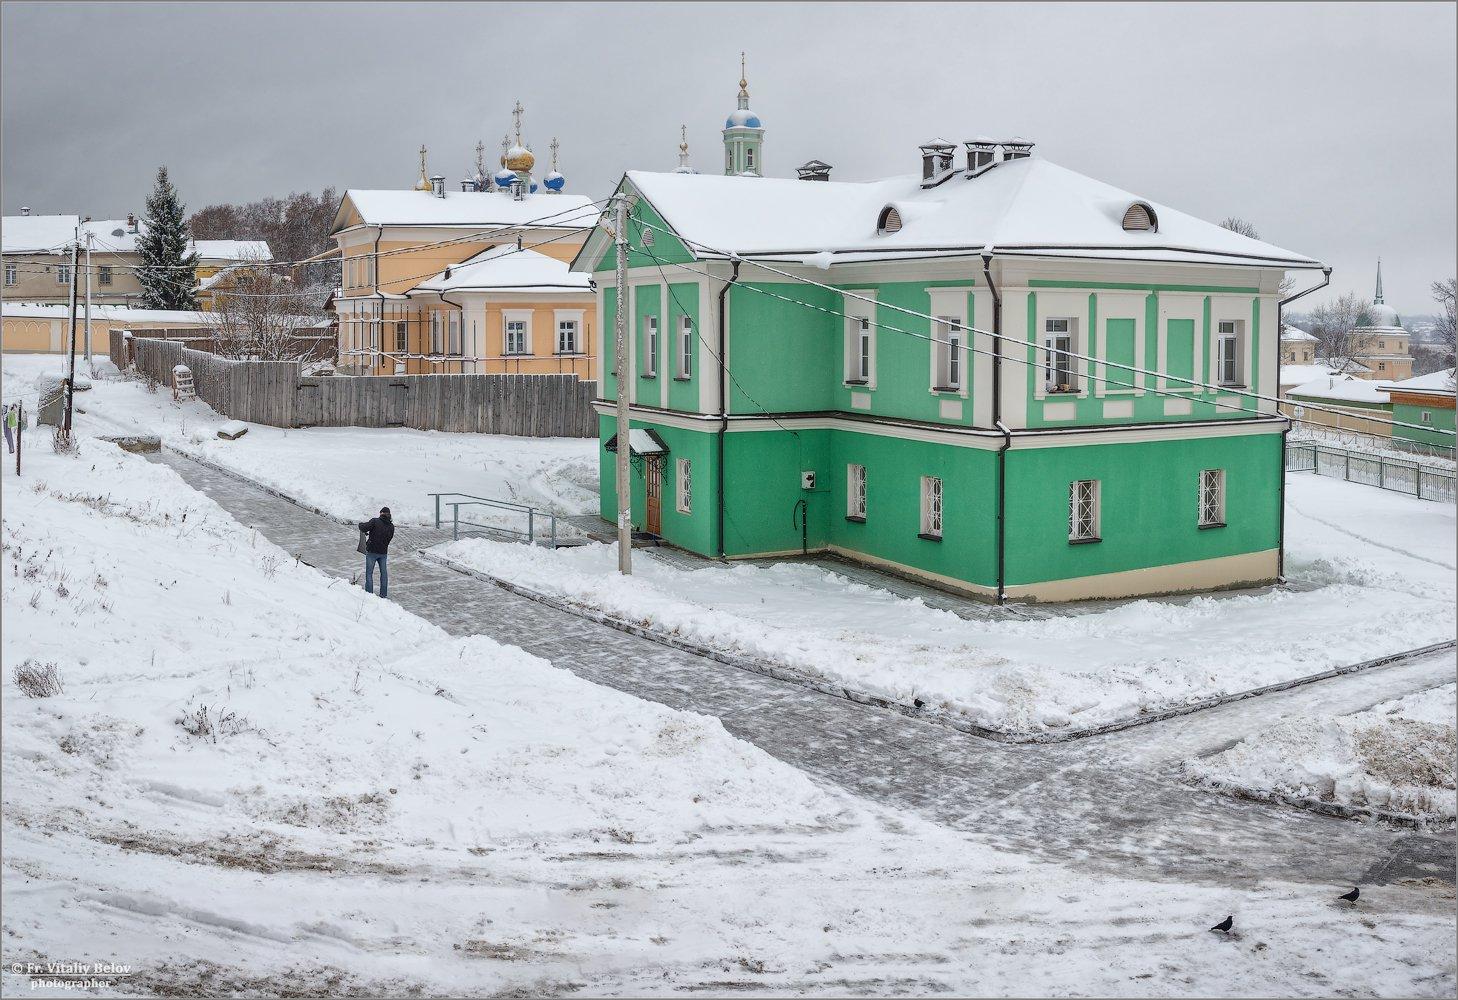 02_Реконструированные дома (снимок сделан 14 декабря 2018 г.)